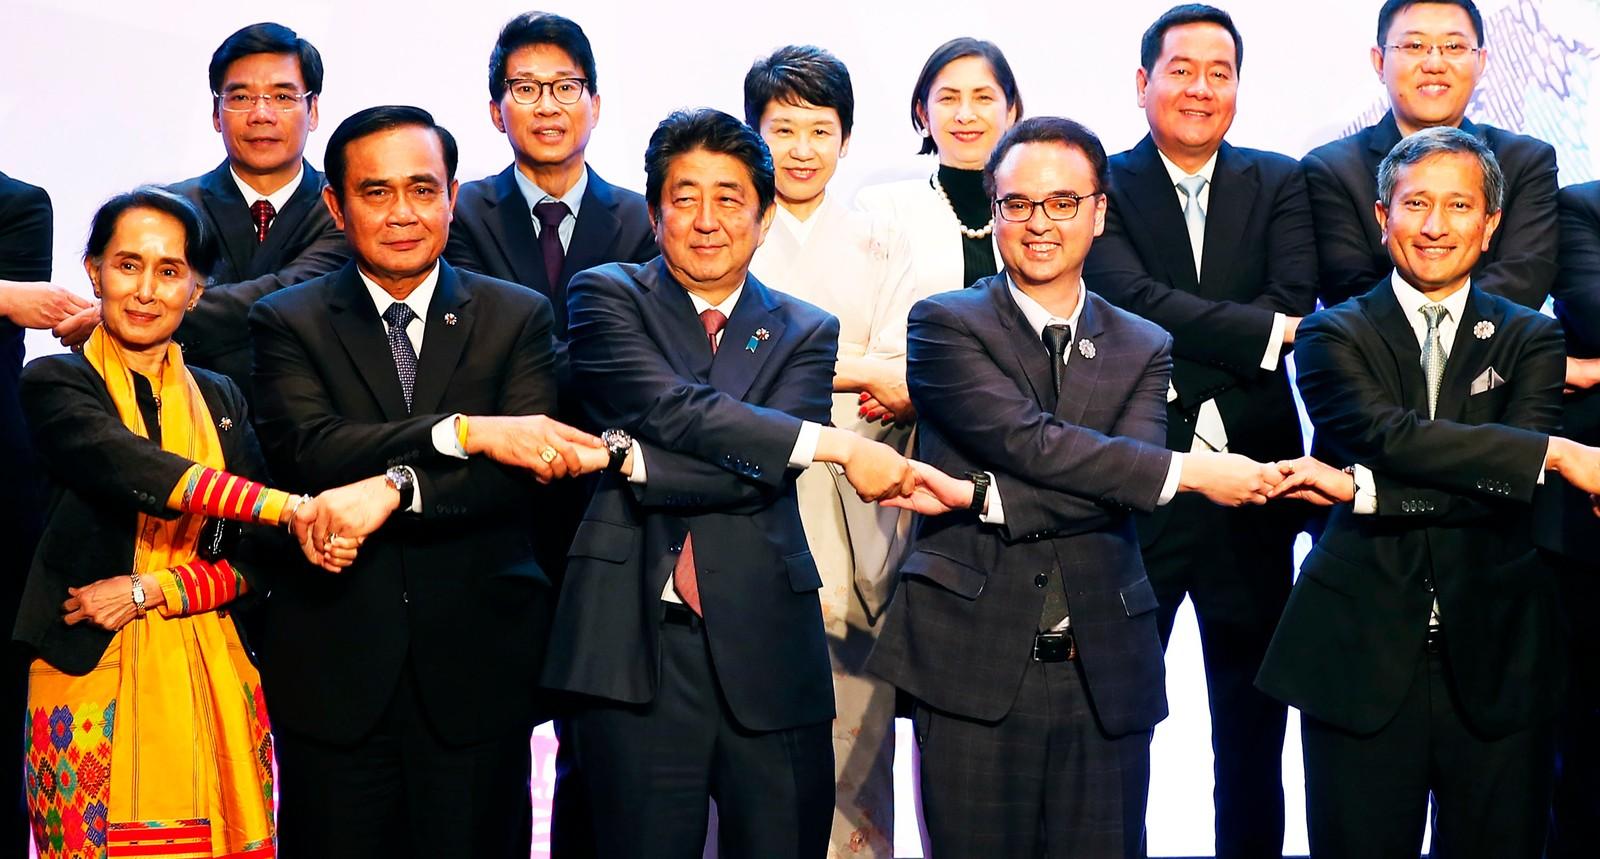 Også (foran fra venstre) Myanmars Aung San Suu Kyi, Thailands statsminister Prayuth Chan-ocha, Japans statsminister Shinzo Abe, Filippinenes utenriksminister Alan Peter Cayetano og Singapores utenriksminister Vivian Balakrishna stilte opp på de uvanlige håndtrykkene.